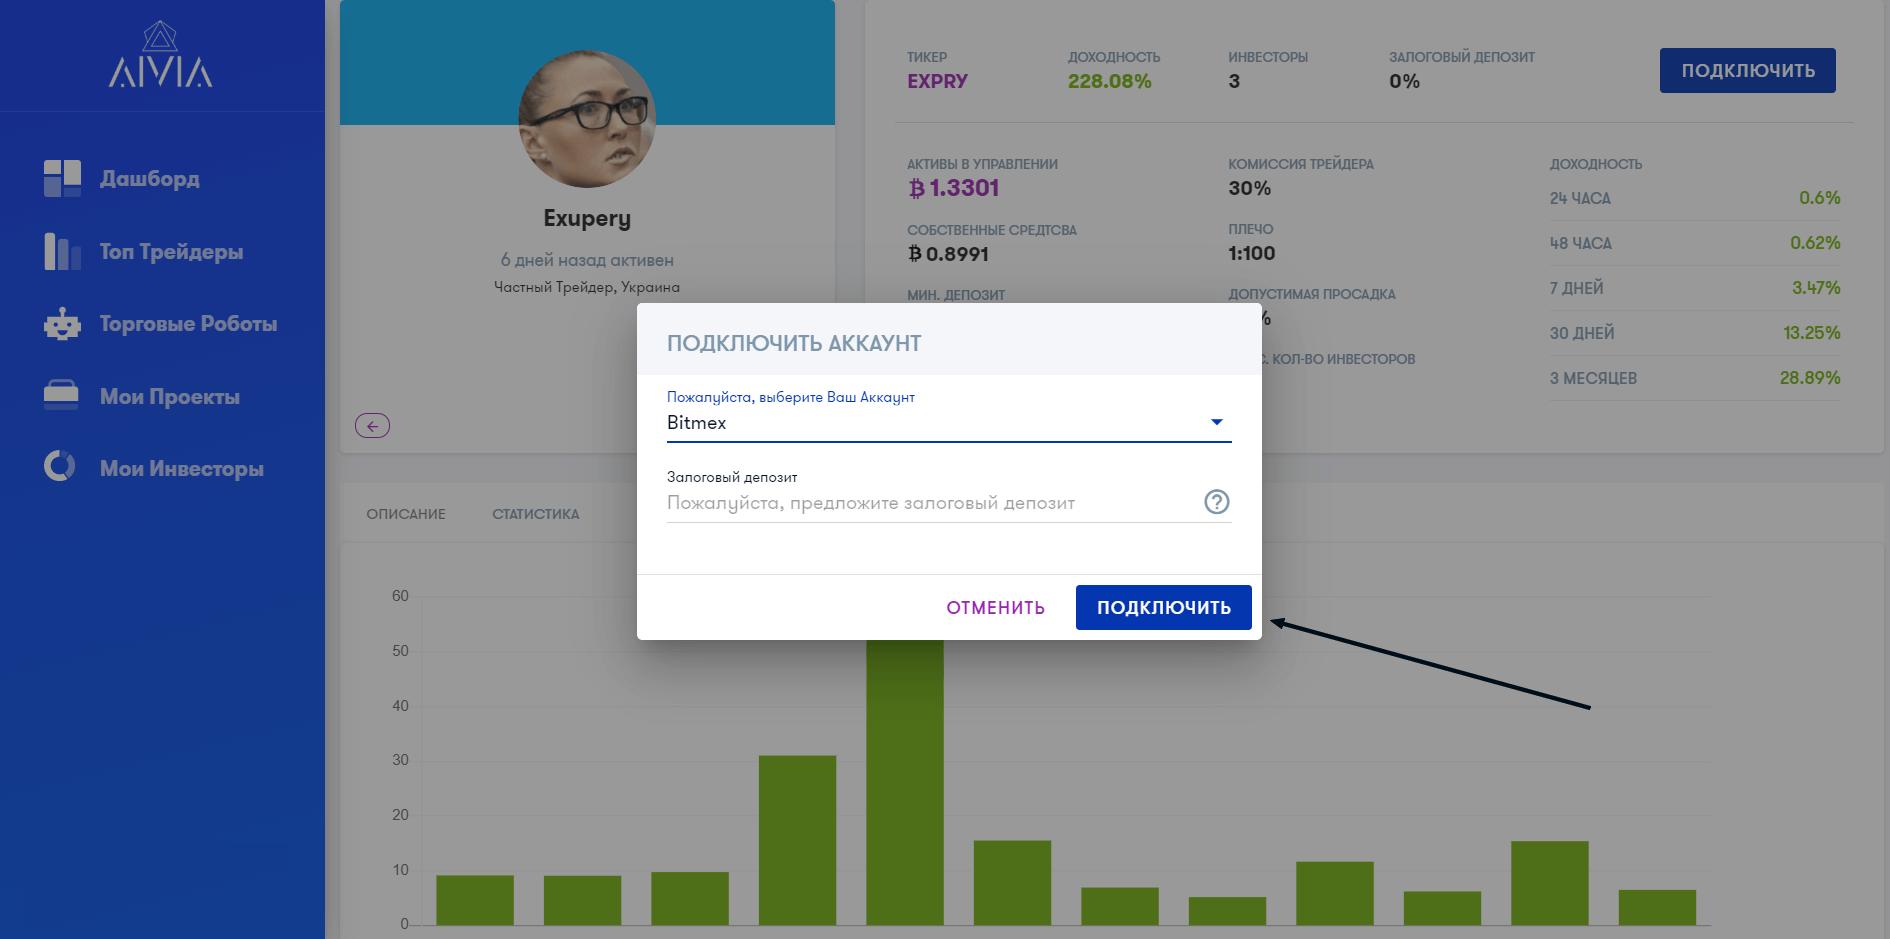 Подключить трейдера к своему биржевому аккаунту через платформу AIVIA